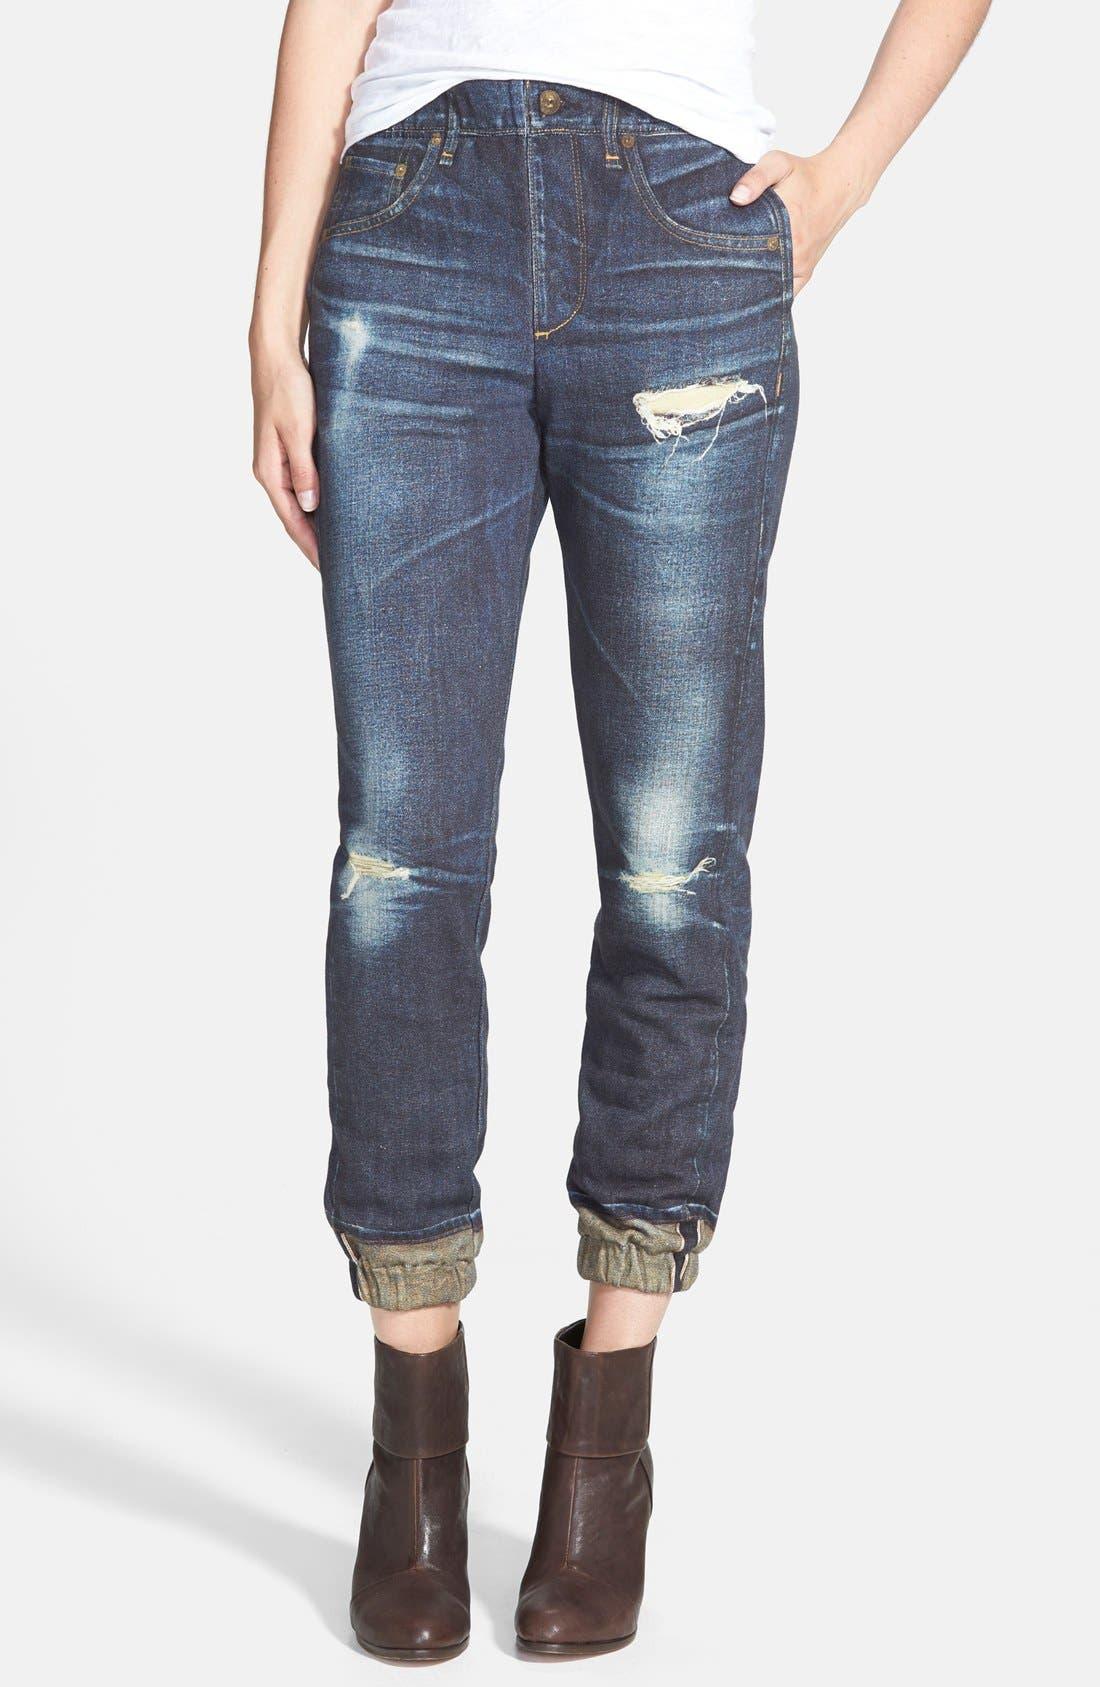 JEAN 'Pajama Jean' Print Sweatpants, Main, color, 404